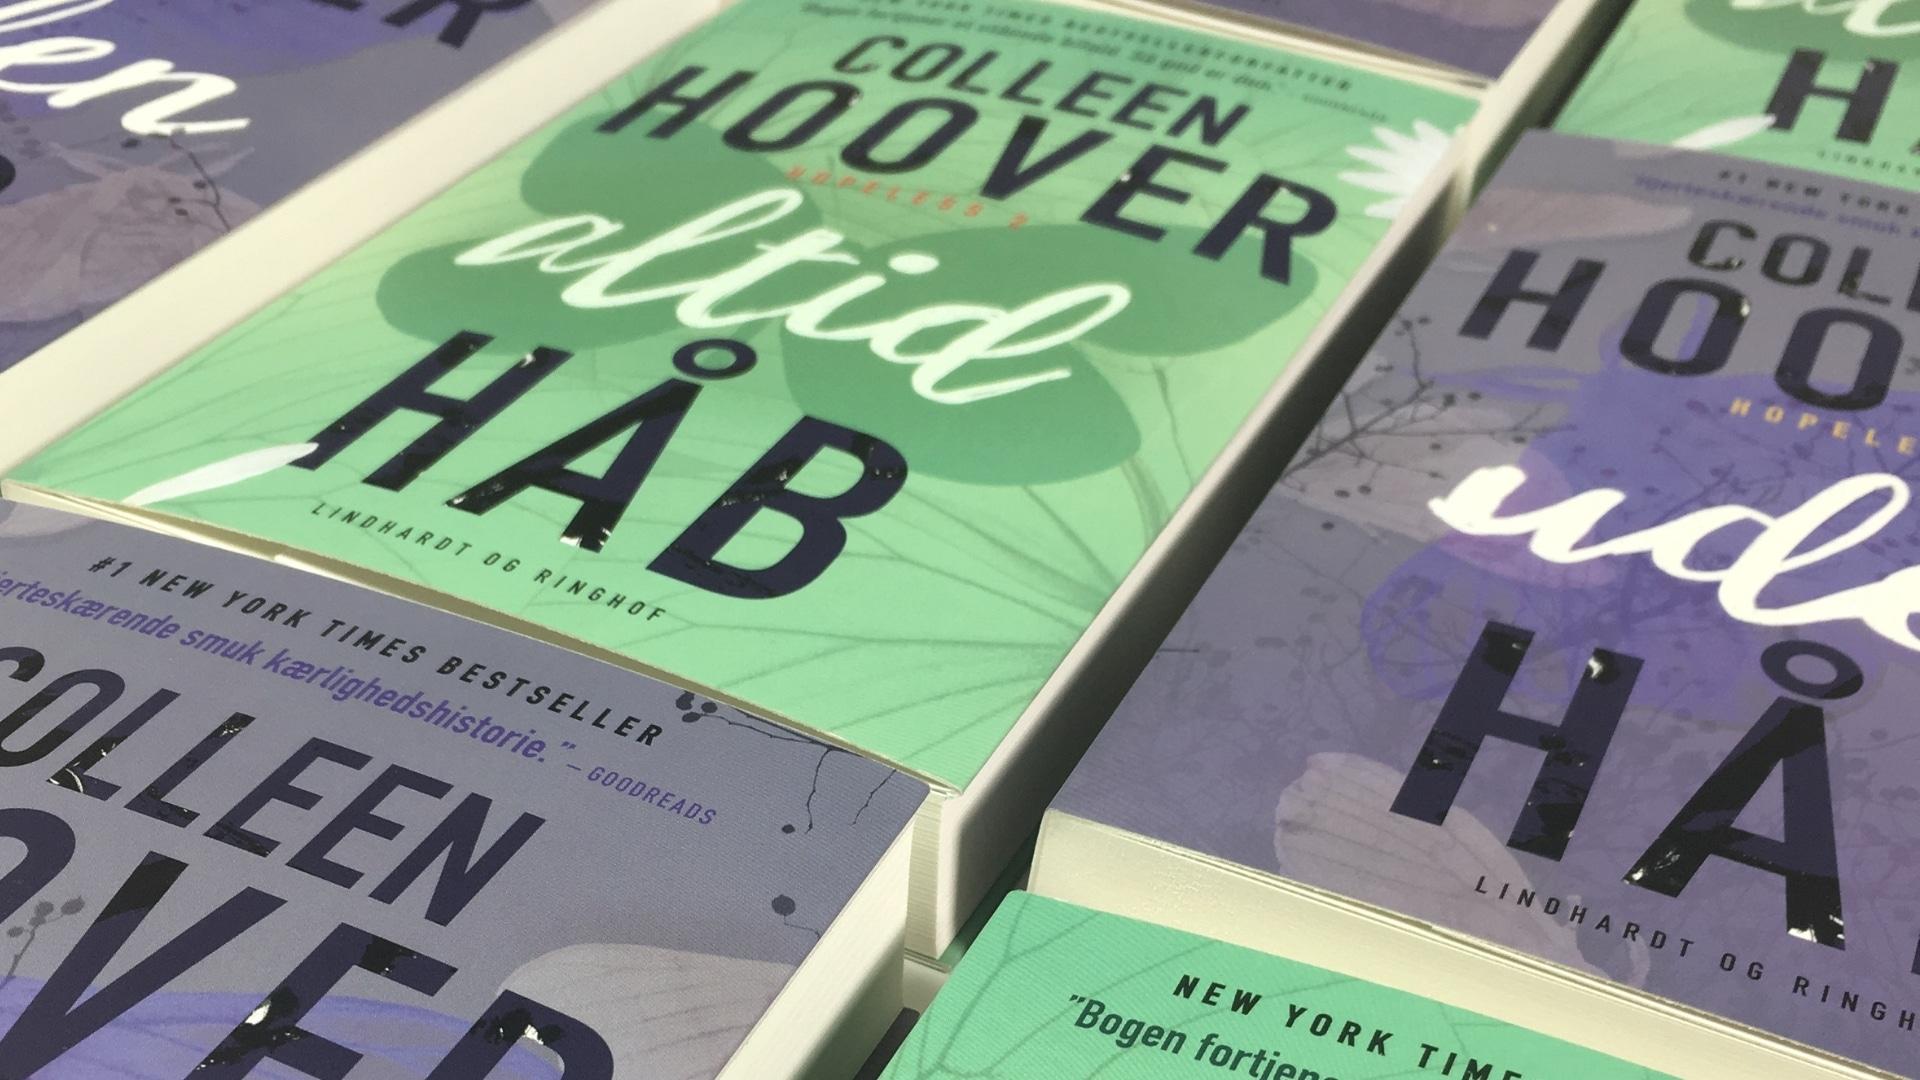 Colleen Hoover, Hopeless, Uden håb, Altid håb, romance, kærlighedsbøger, kærlighedsroman